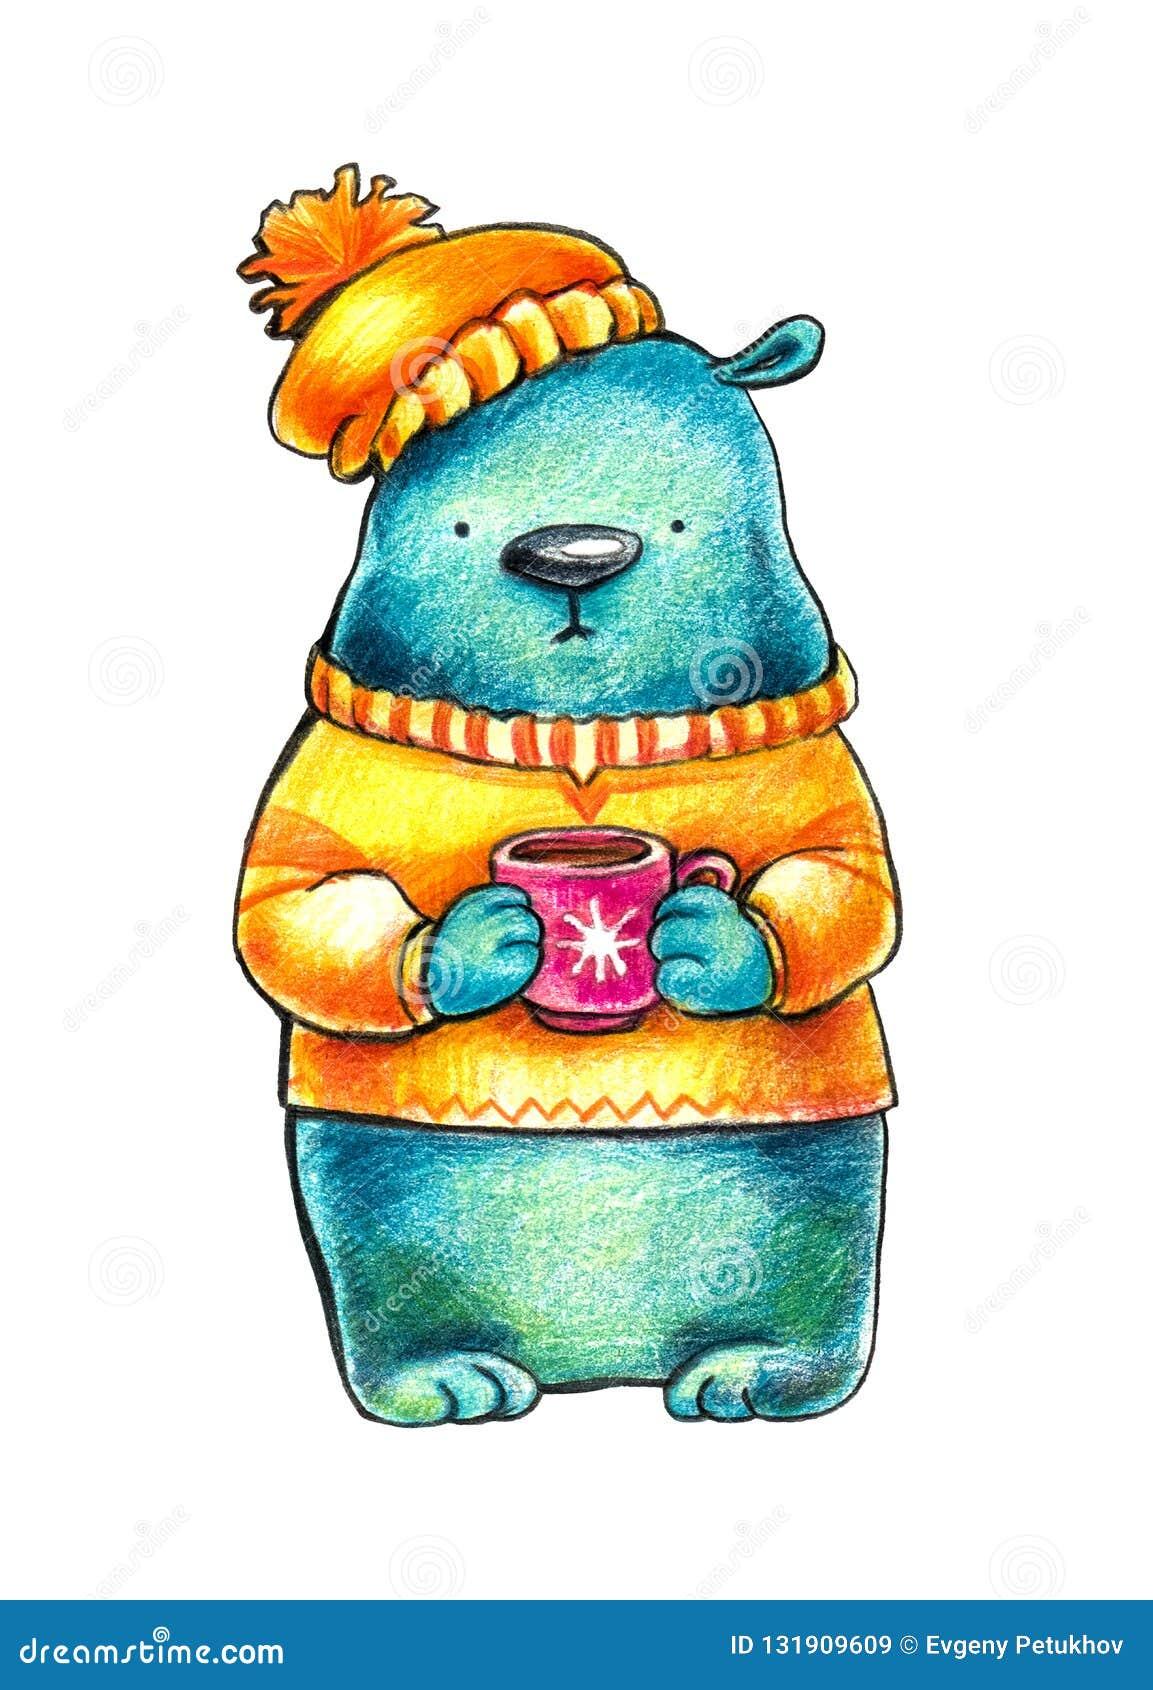 Το συμπονετικό μπλε αντέχει σε μια πορτοκαλιά μπλούζα και ένα χειμερινό καπέλο κρατά τον καφέ σε μια κόκκινη κούπα Ilustration σε